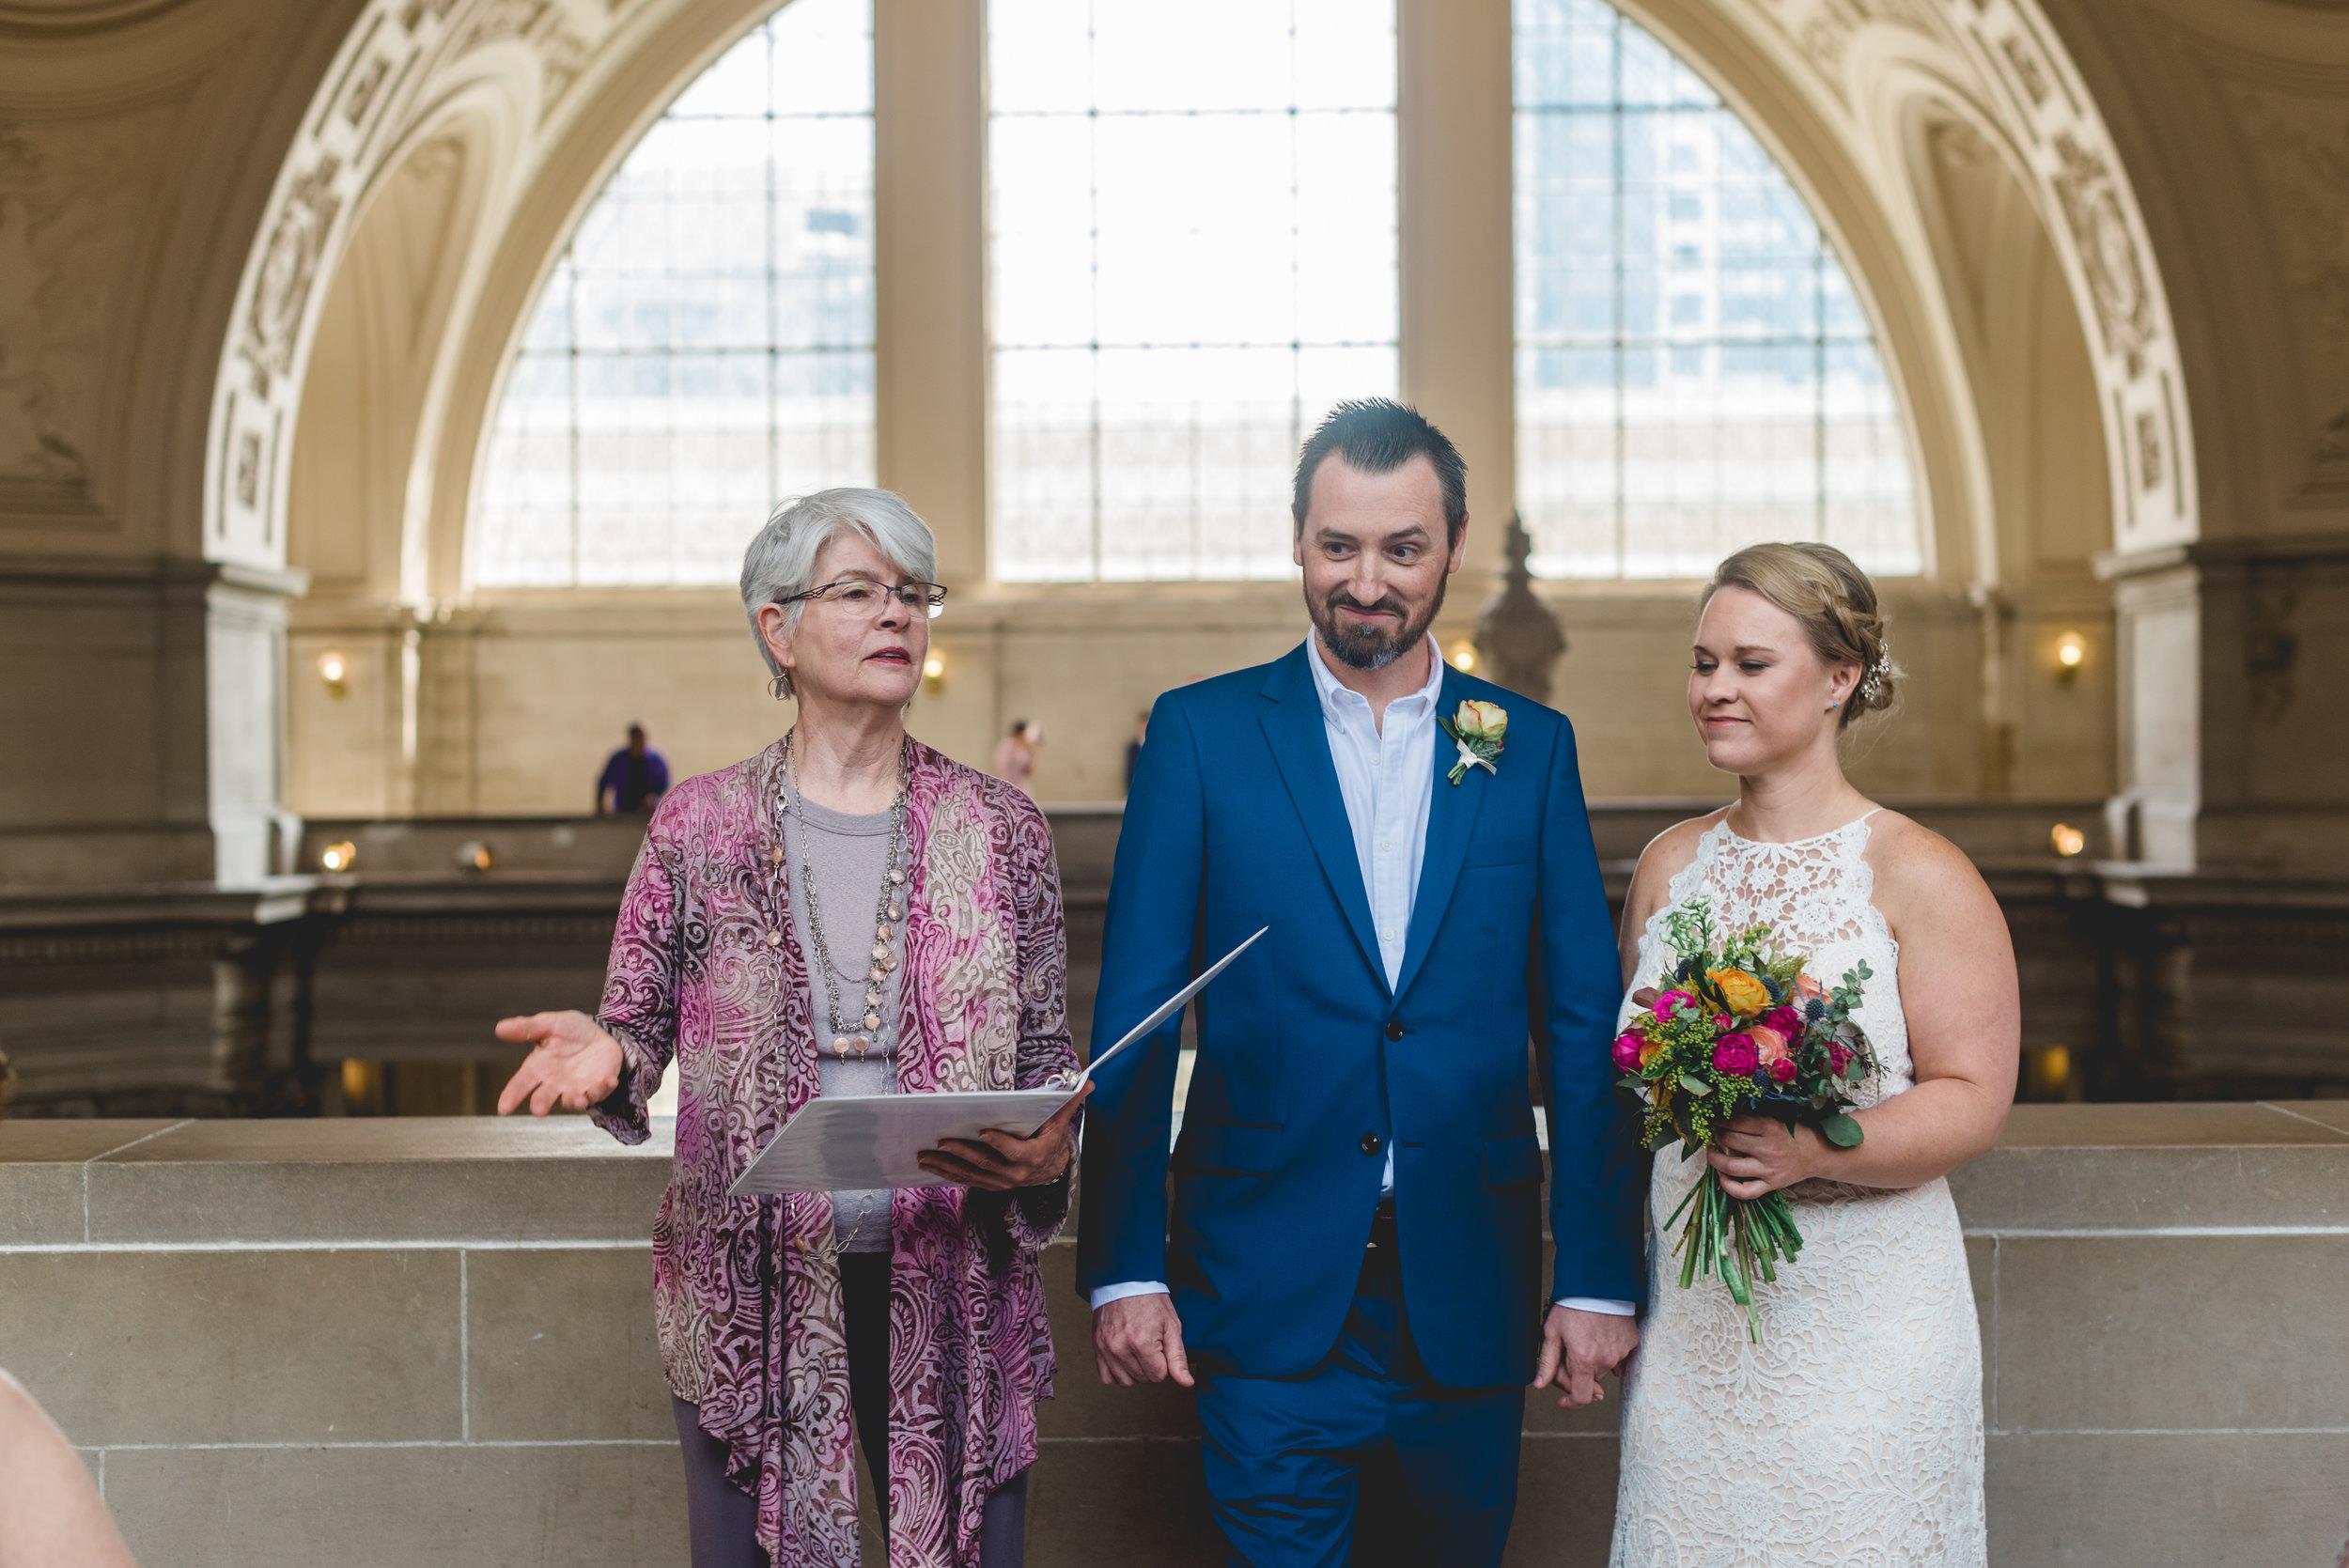 mcdaniels_conroy-wedding-ceremony-49.jpg